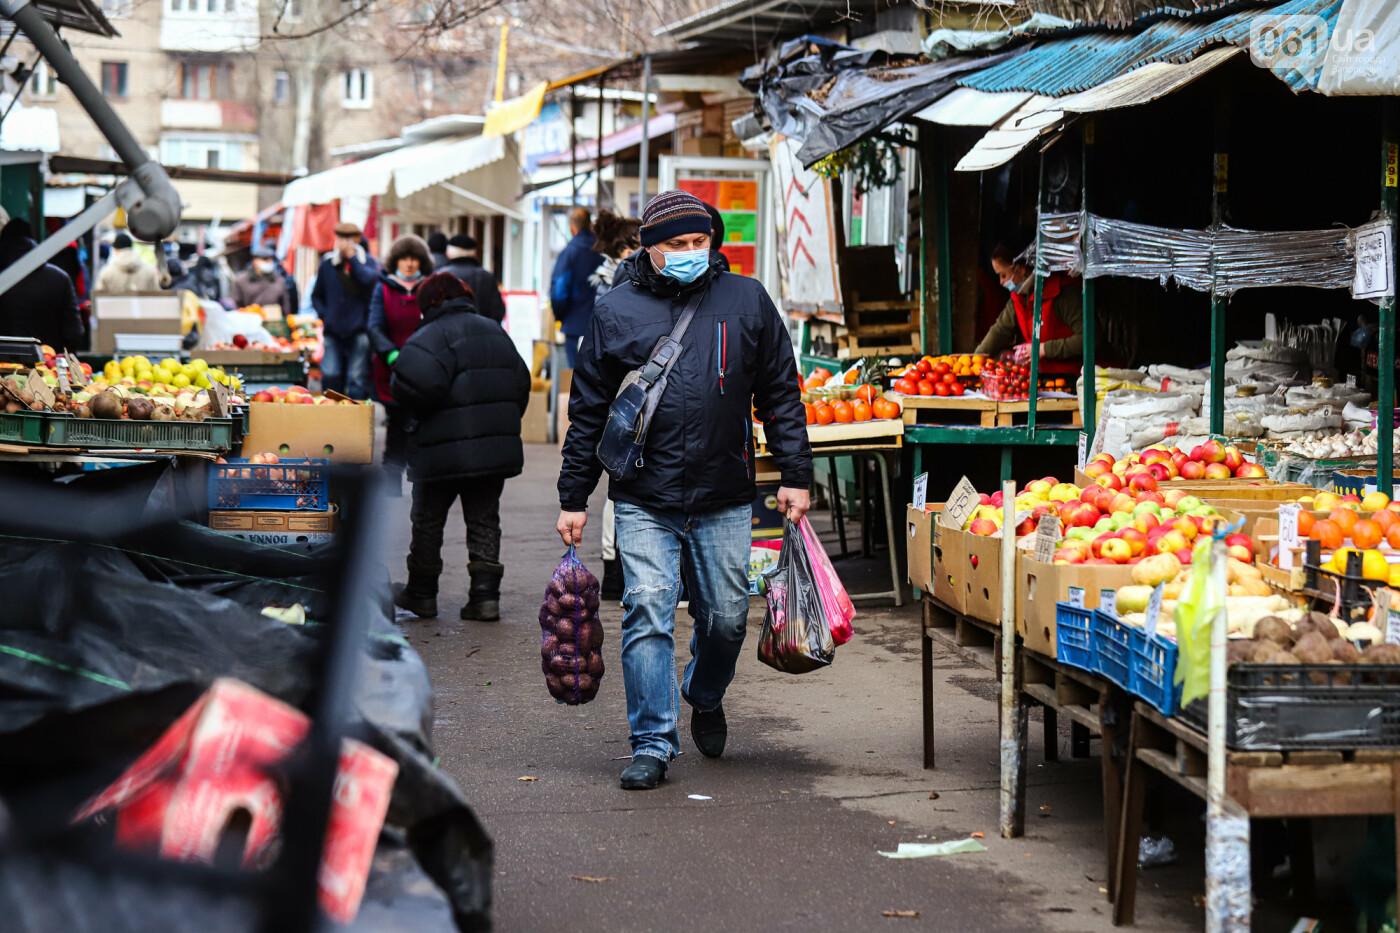 Защитные ленты на товарах, неработающие ТРЦ и полузакрытые рынки – фоторепортаж о первом дне локдауна в Запорожье, фото-13